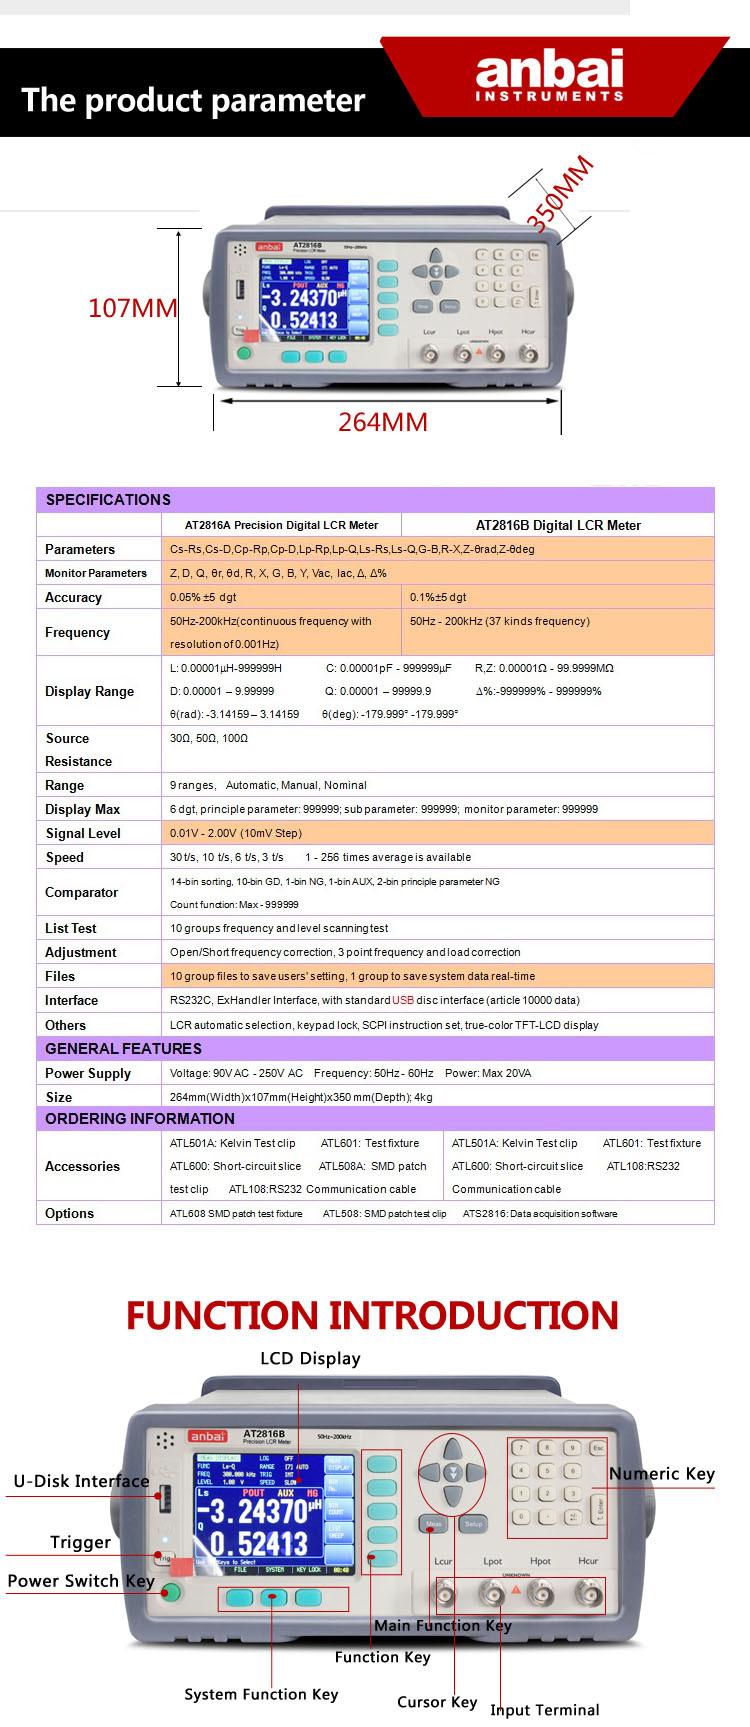 инструкция пользователя на русском языке к приборам фирмы hioki 3554